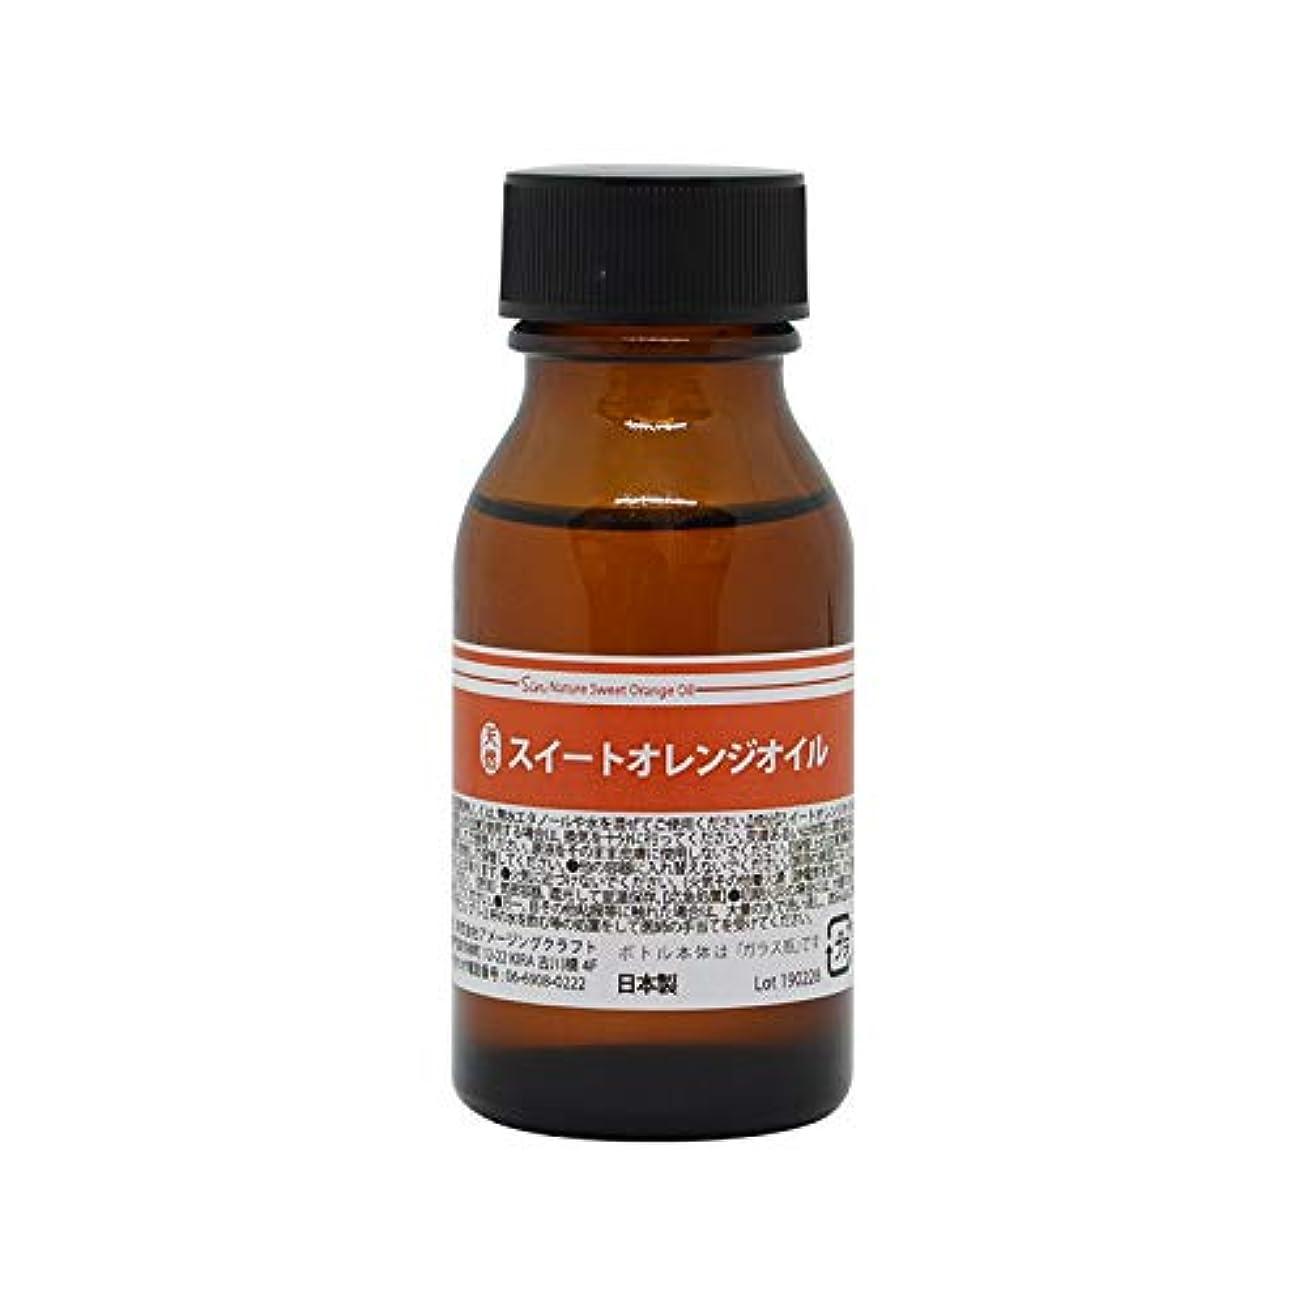 急勾配のまたねその間天然100% スイートオレンジオイル 50ml (オレンジスイート) エッセンシャルオイル